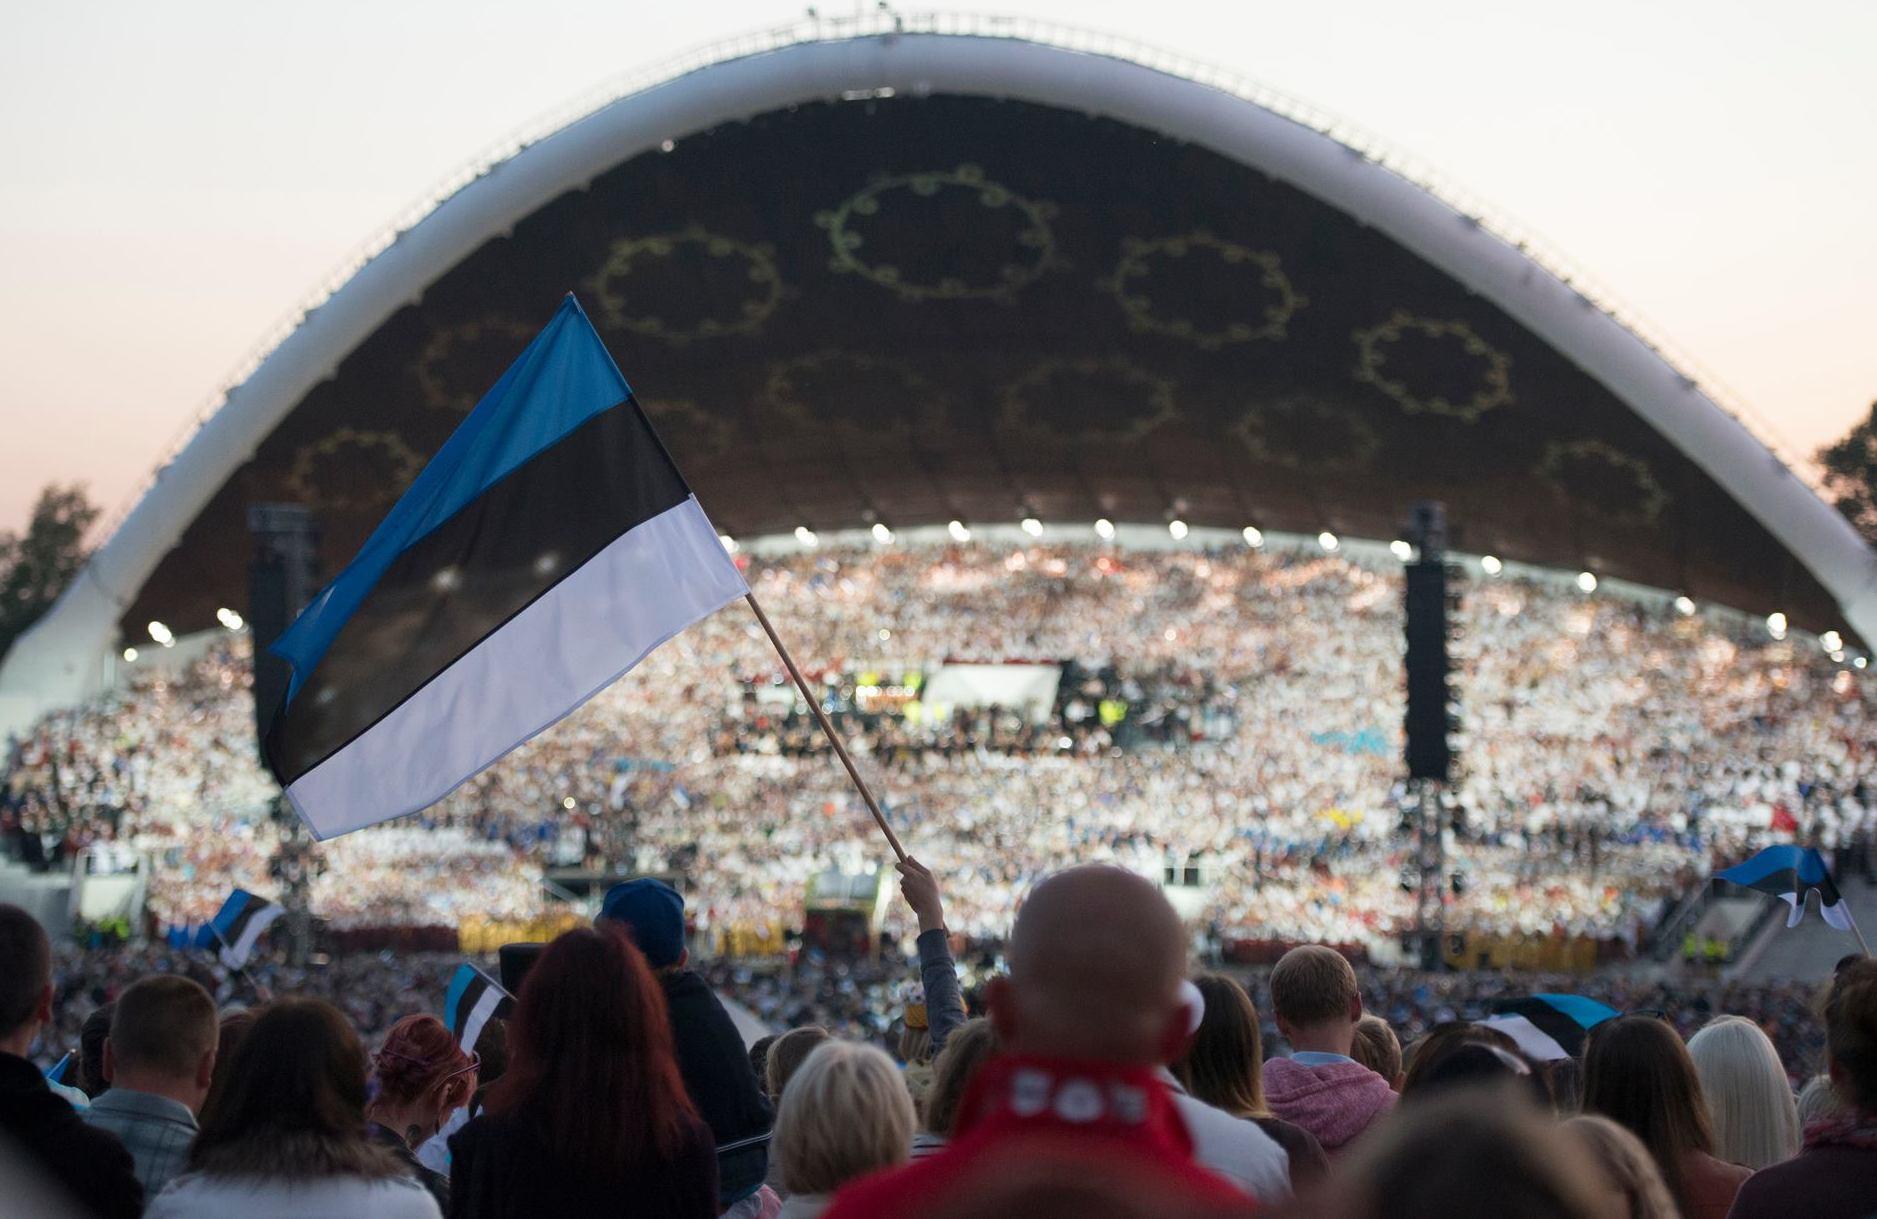 Pühapäeval süüdatakse sajad XII noorte laulu- ja tantsupeo tuled